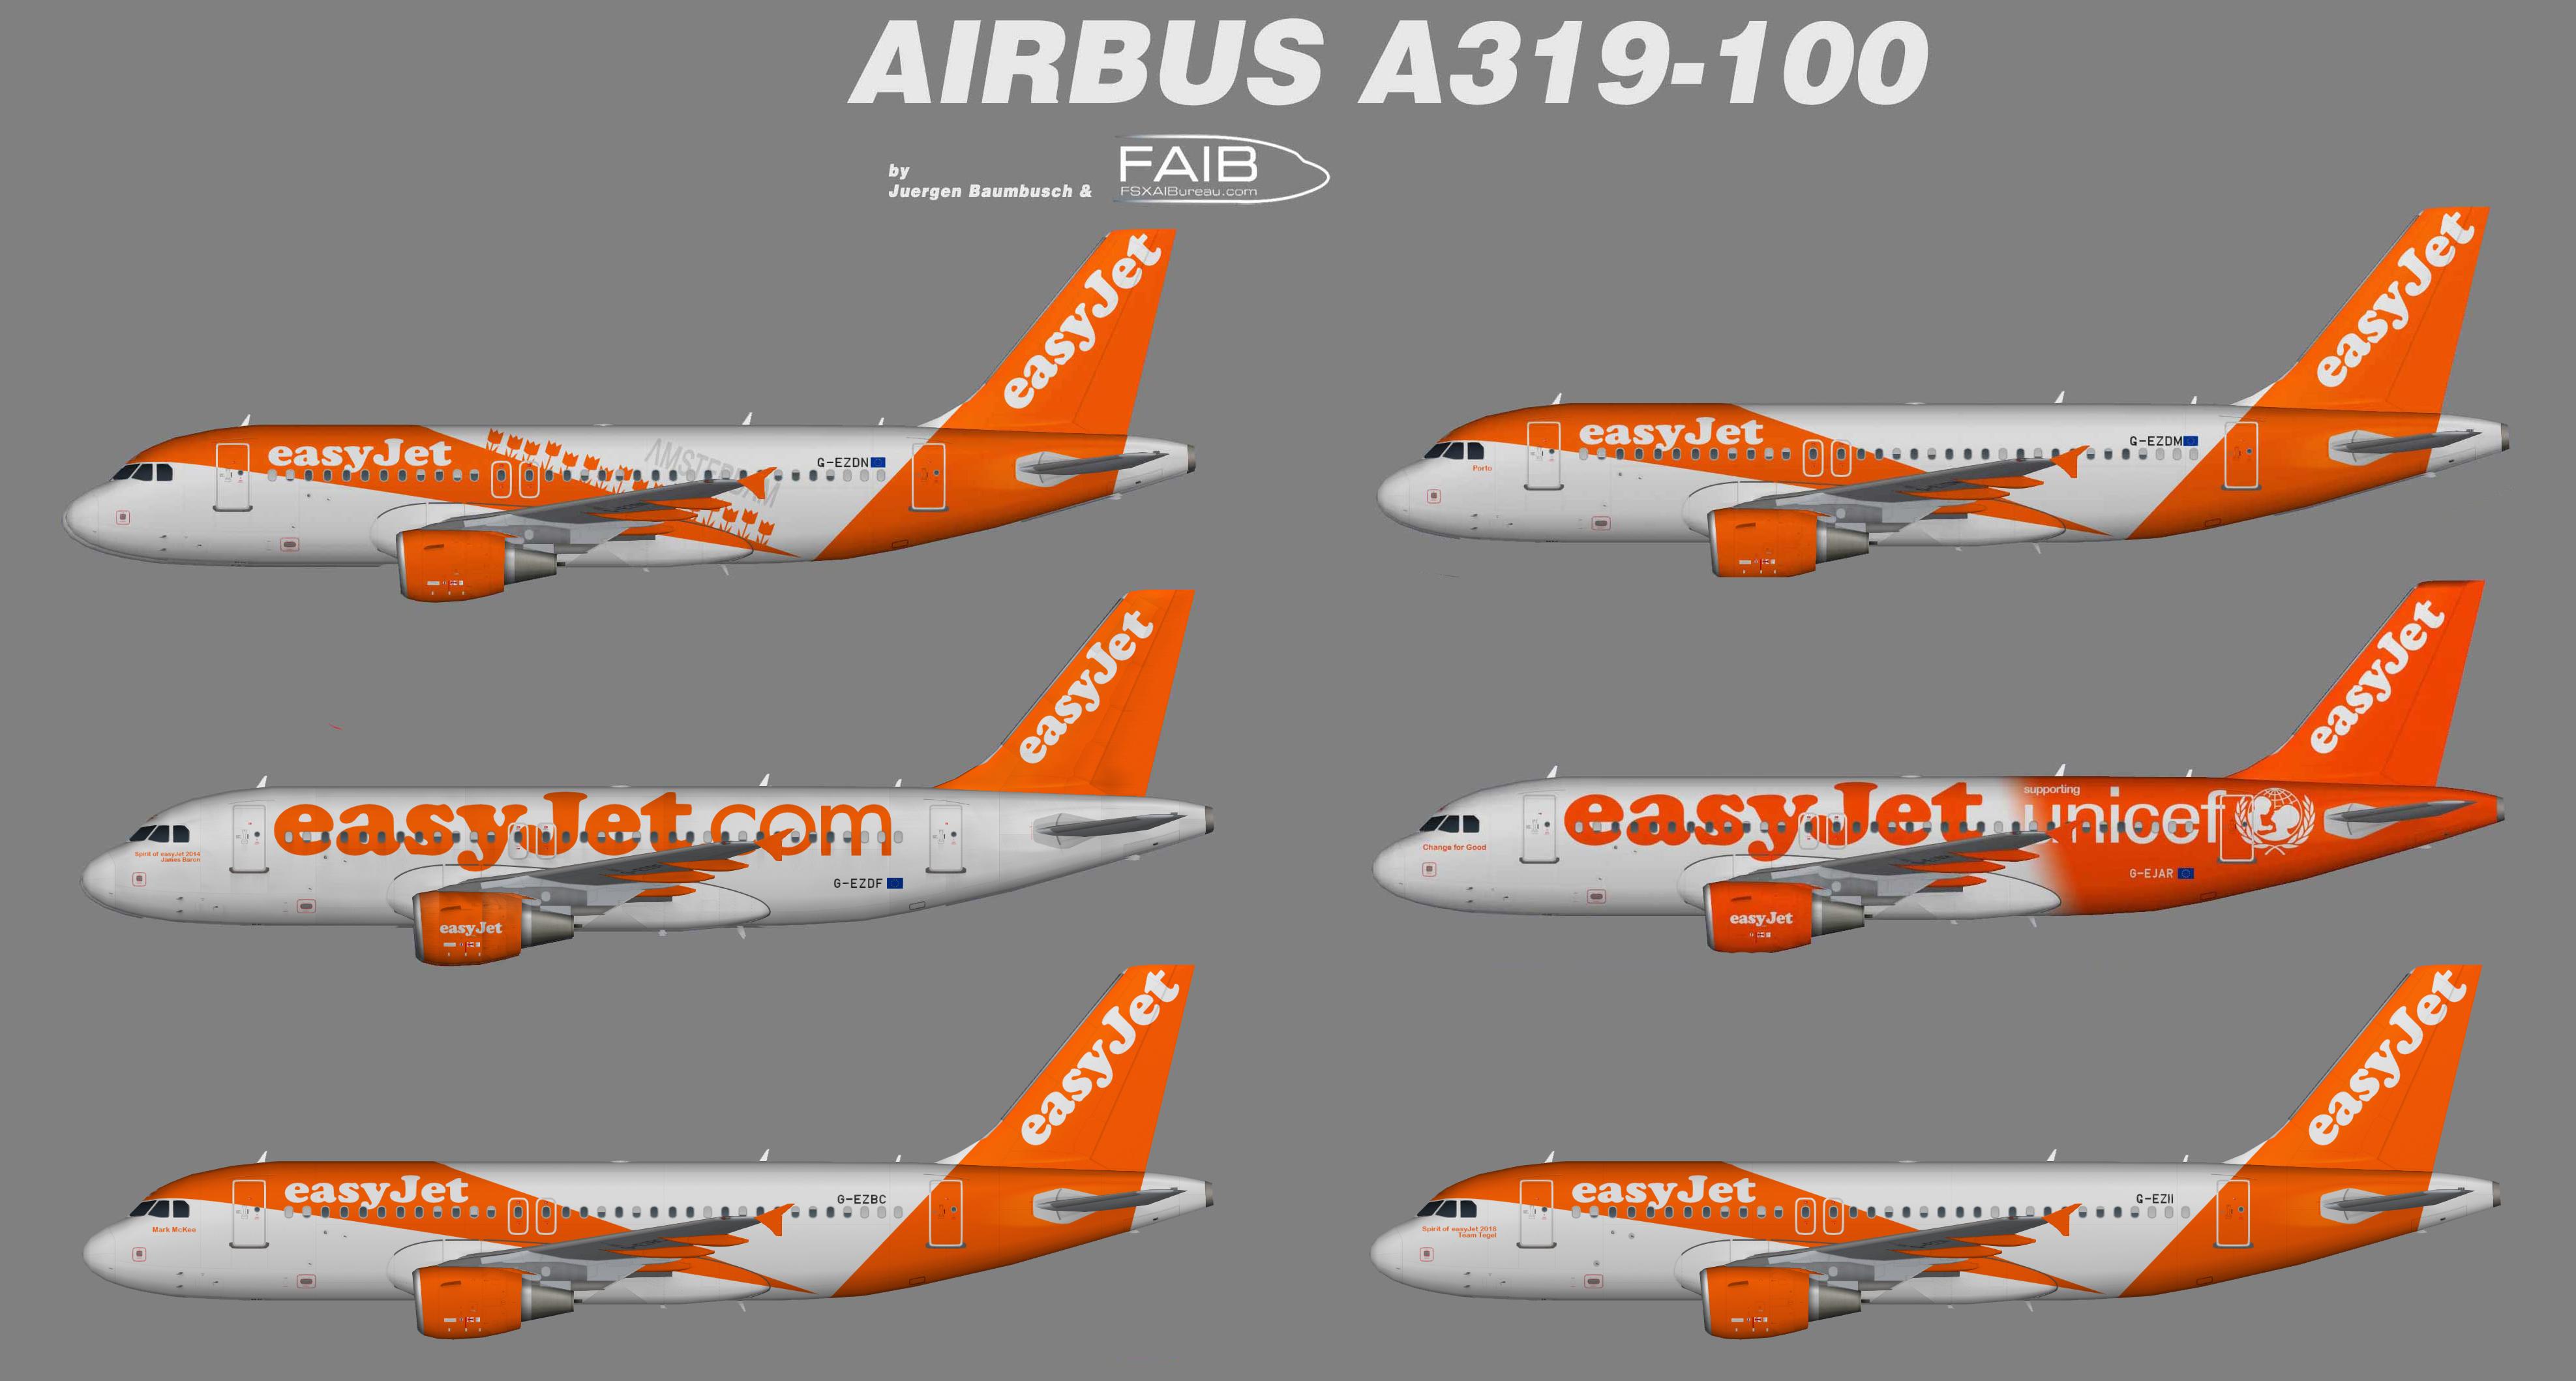 Easyjet Airbus A319 Specials